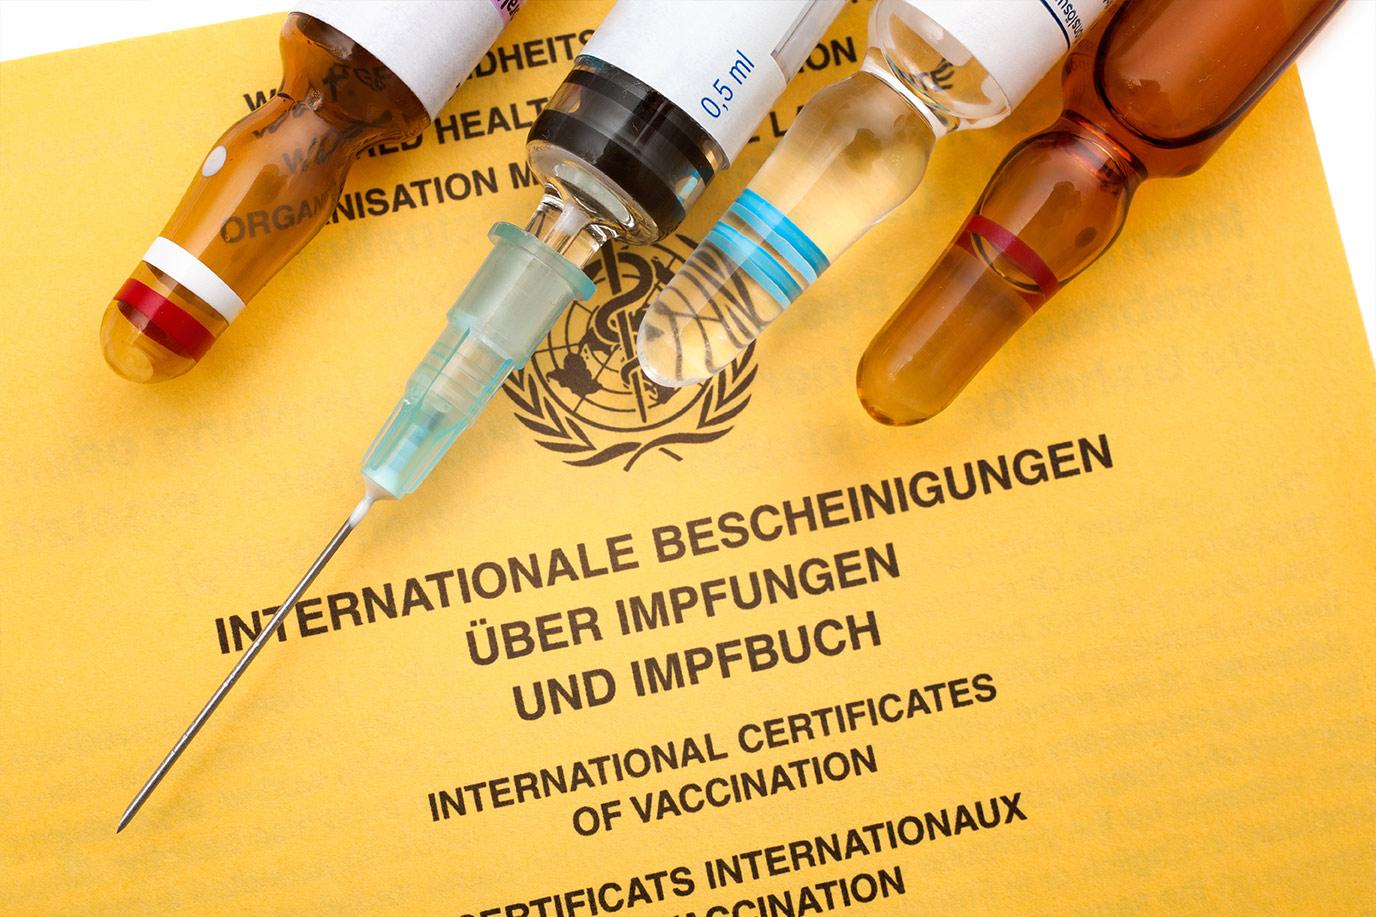 Impfungen und Impfberatung